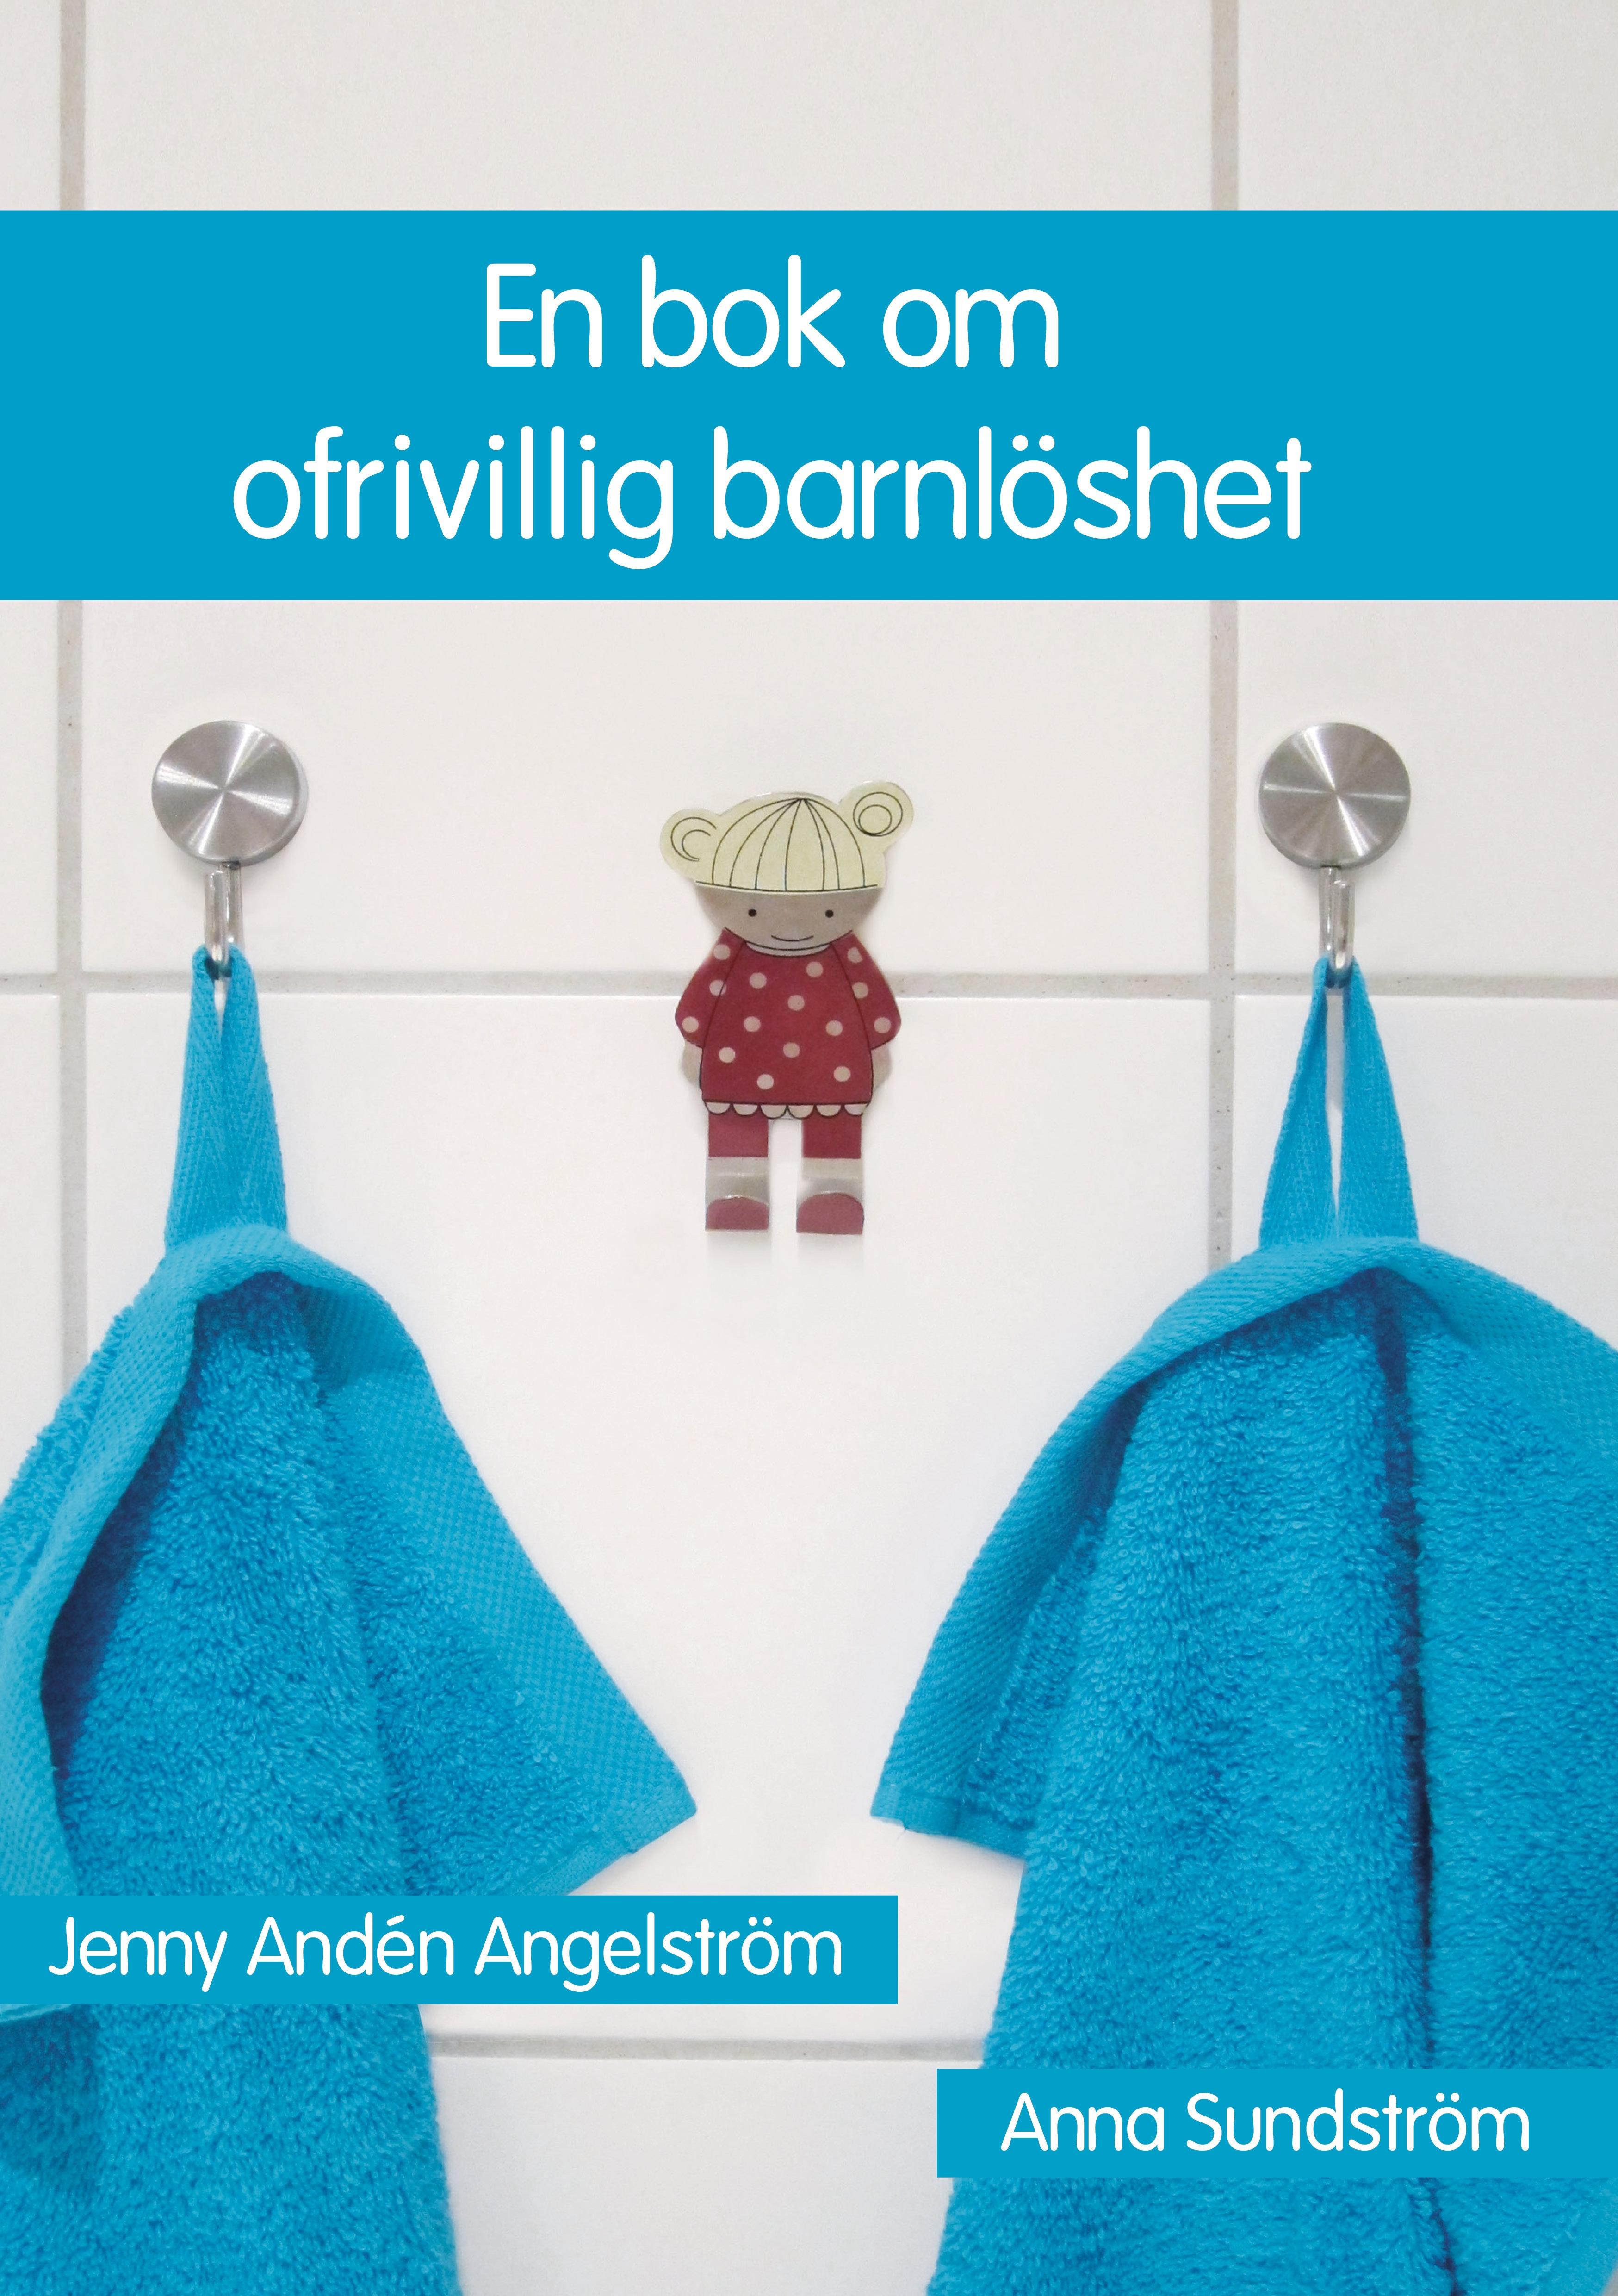 Fin recension från BTJ - En bok om ofrivillig barnlöshet